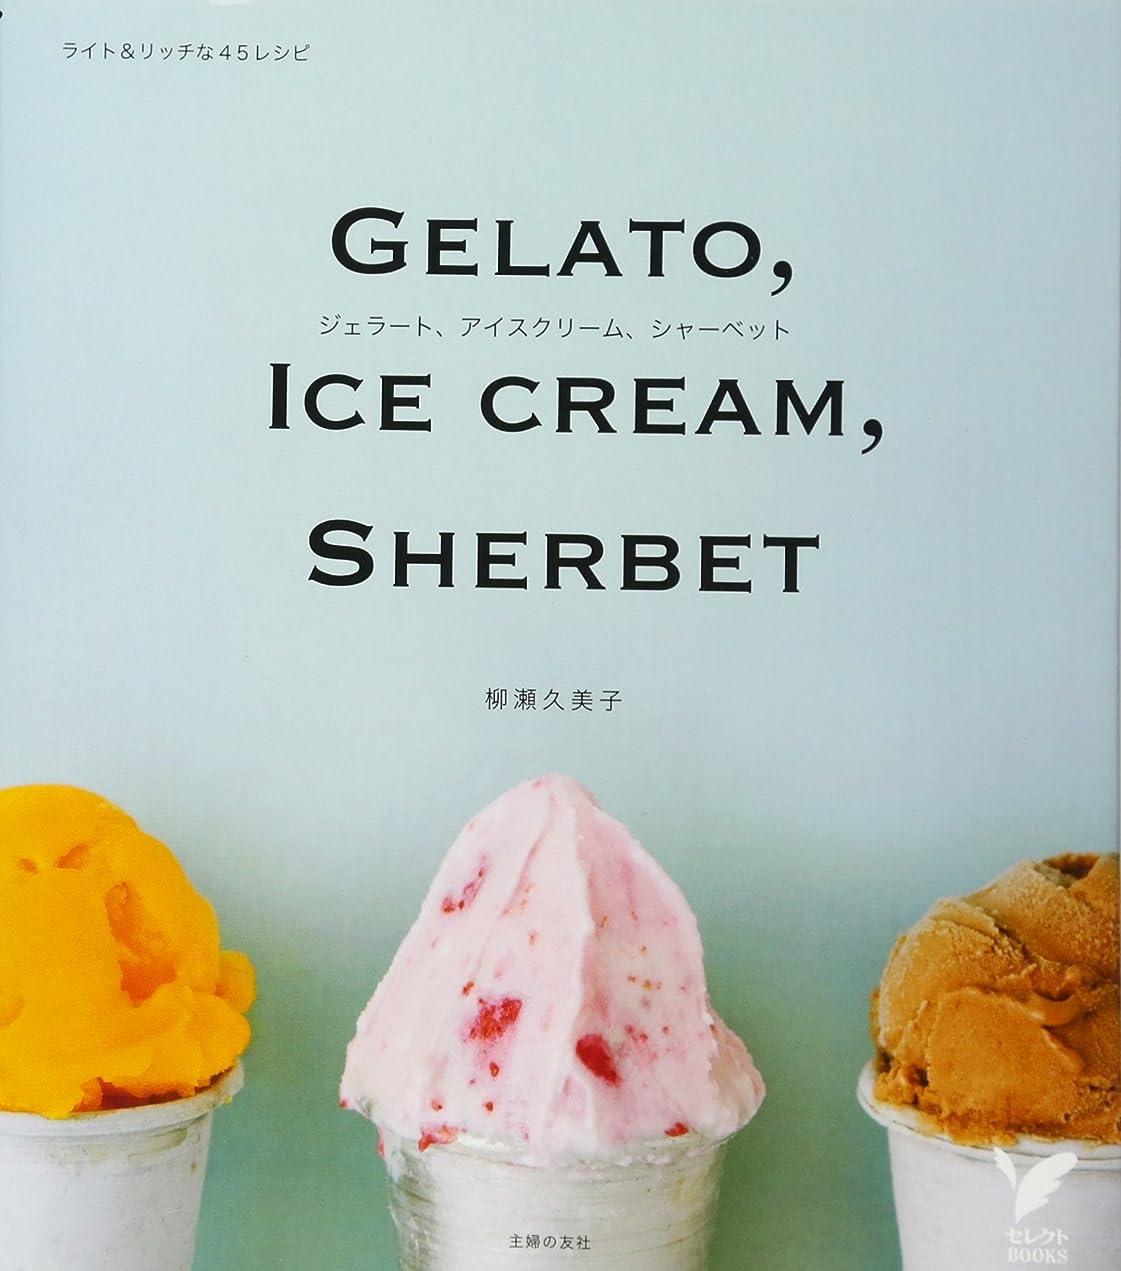 差別正午ホバートジェラート、アイスクリーム、シャーベット―ライト&リッチな45レシピ (セレクトBOOKS)